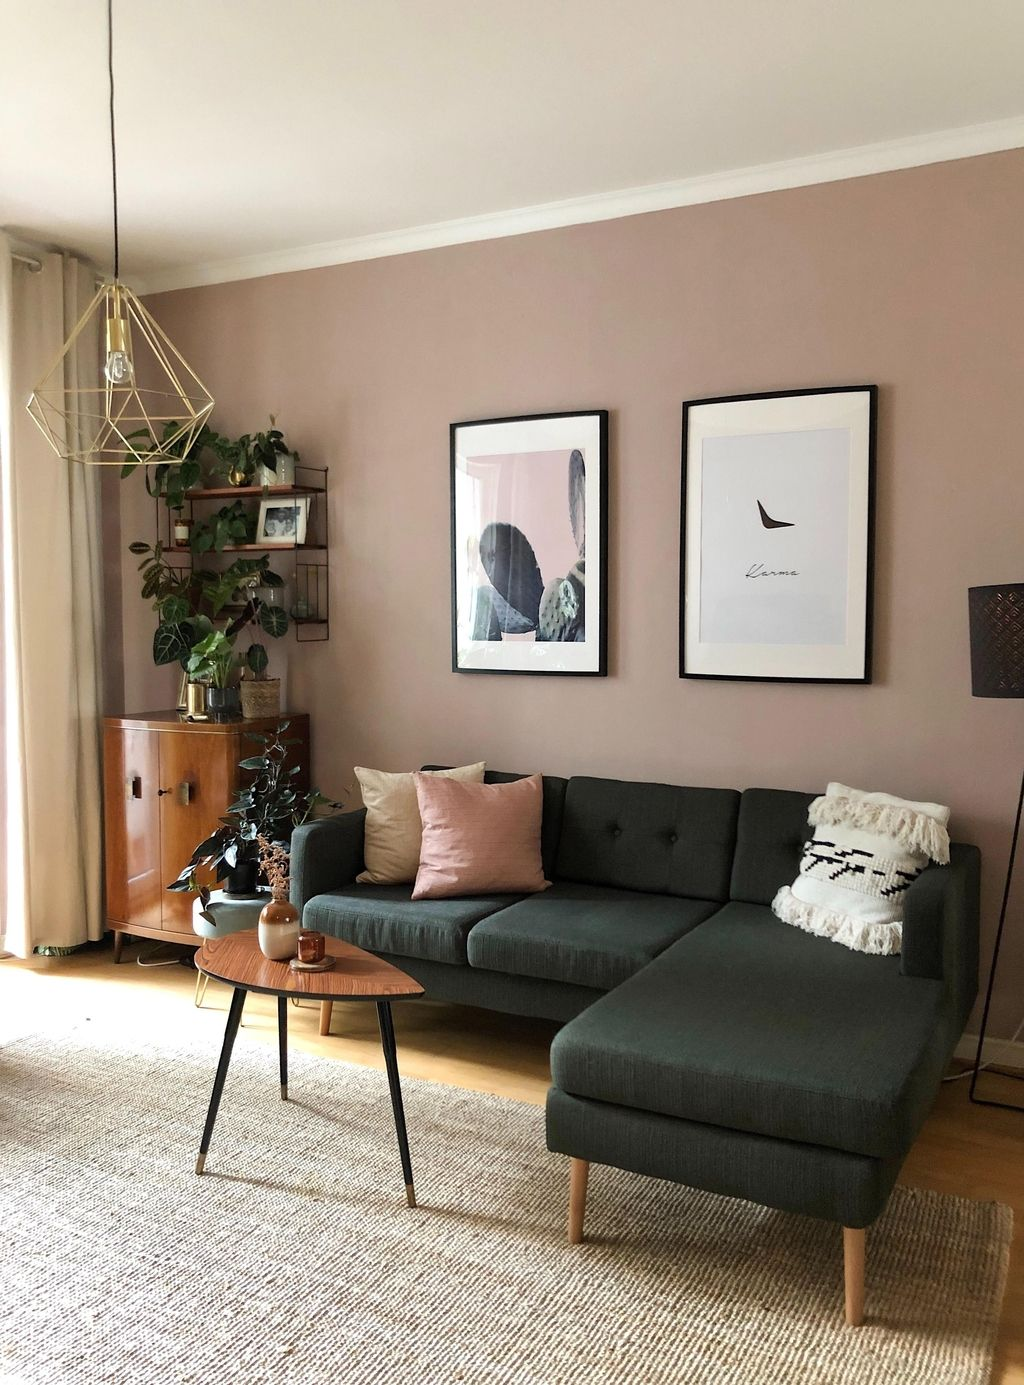 Den Sonntag auf dem Sofa ausklingen lassen. #livin...